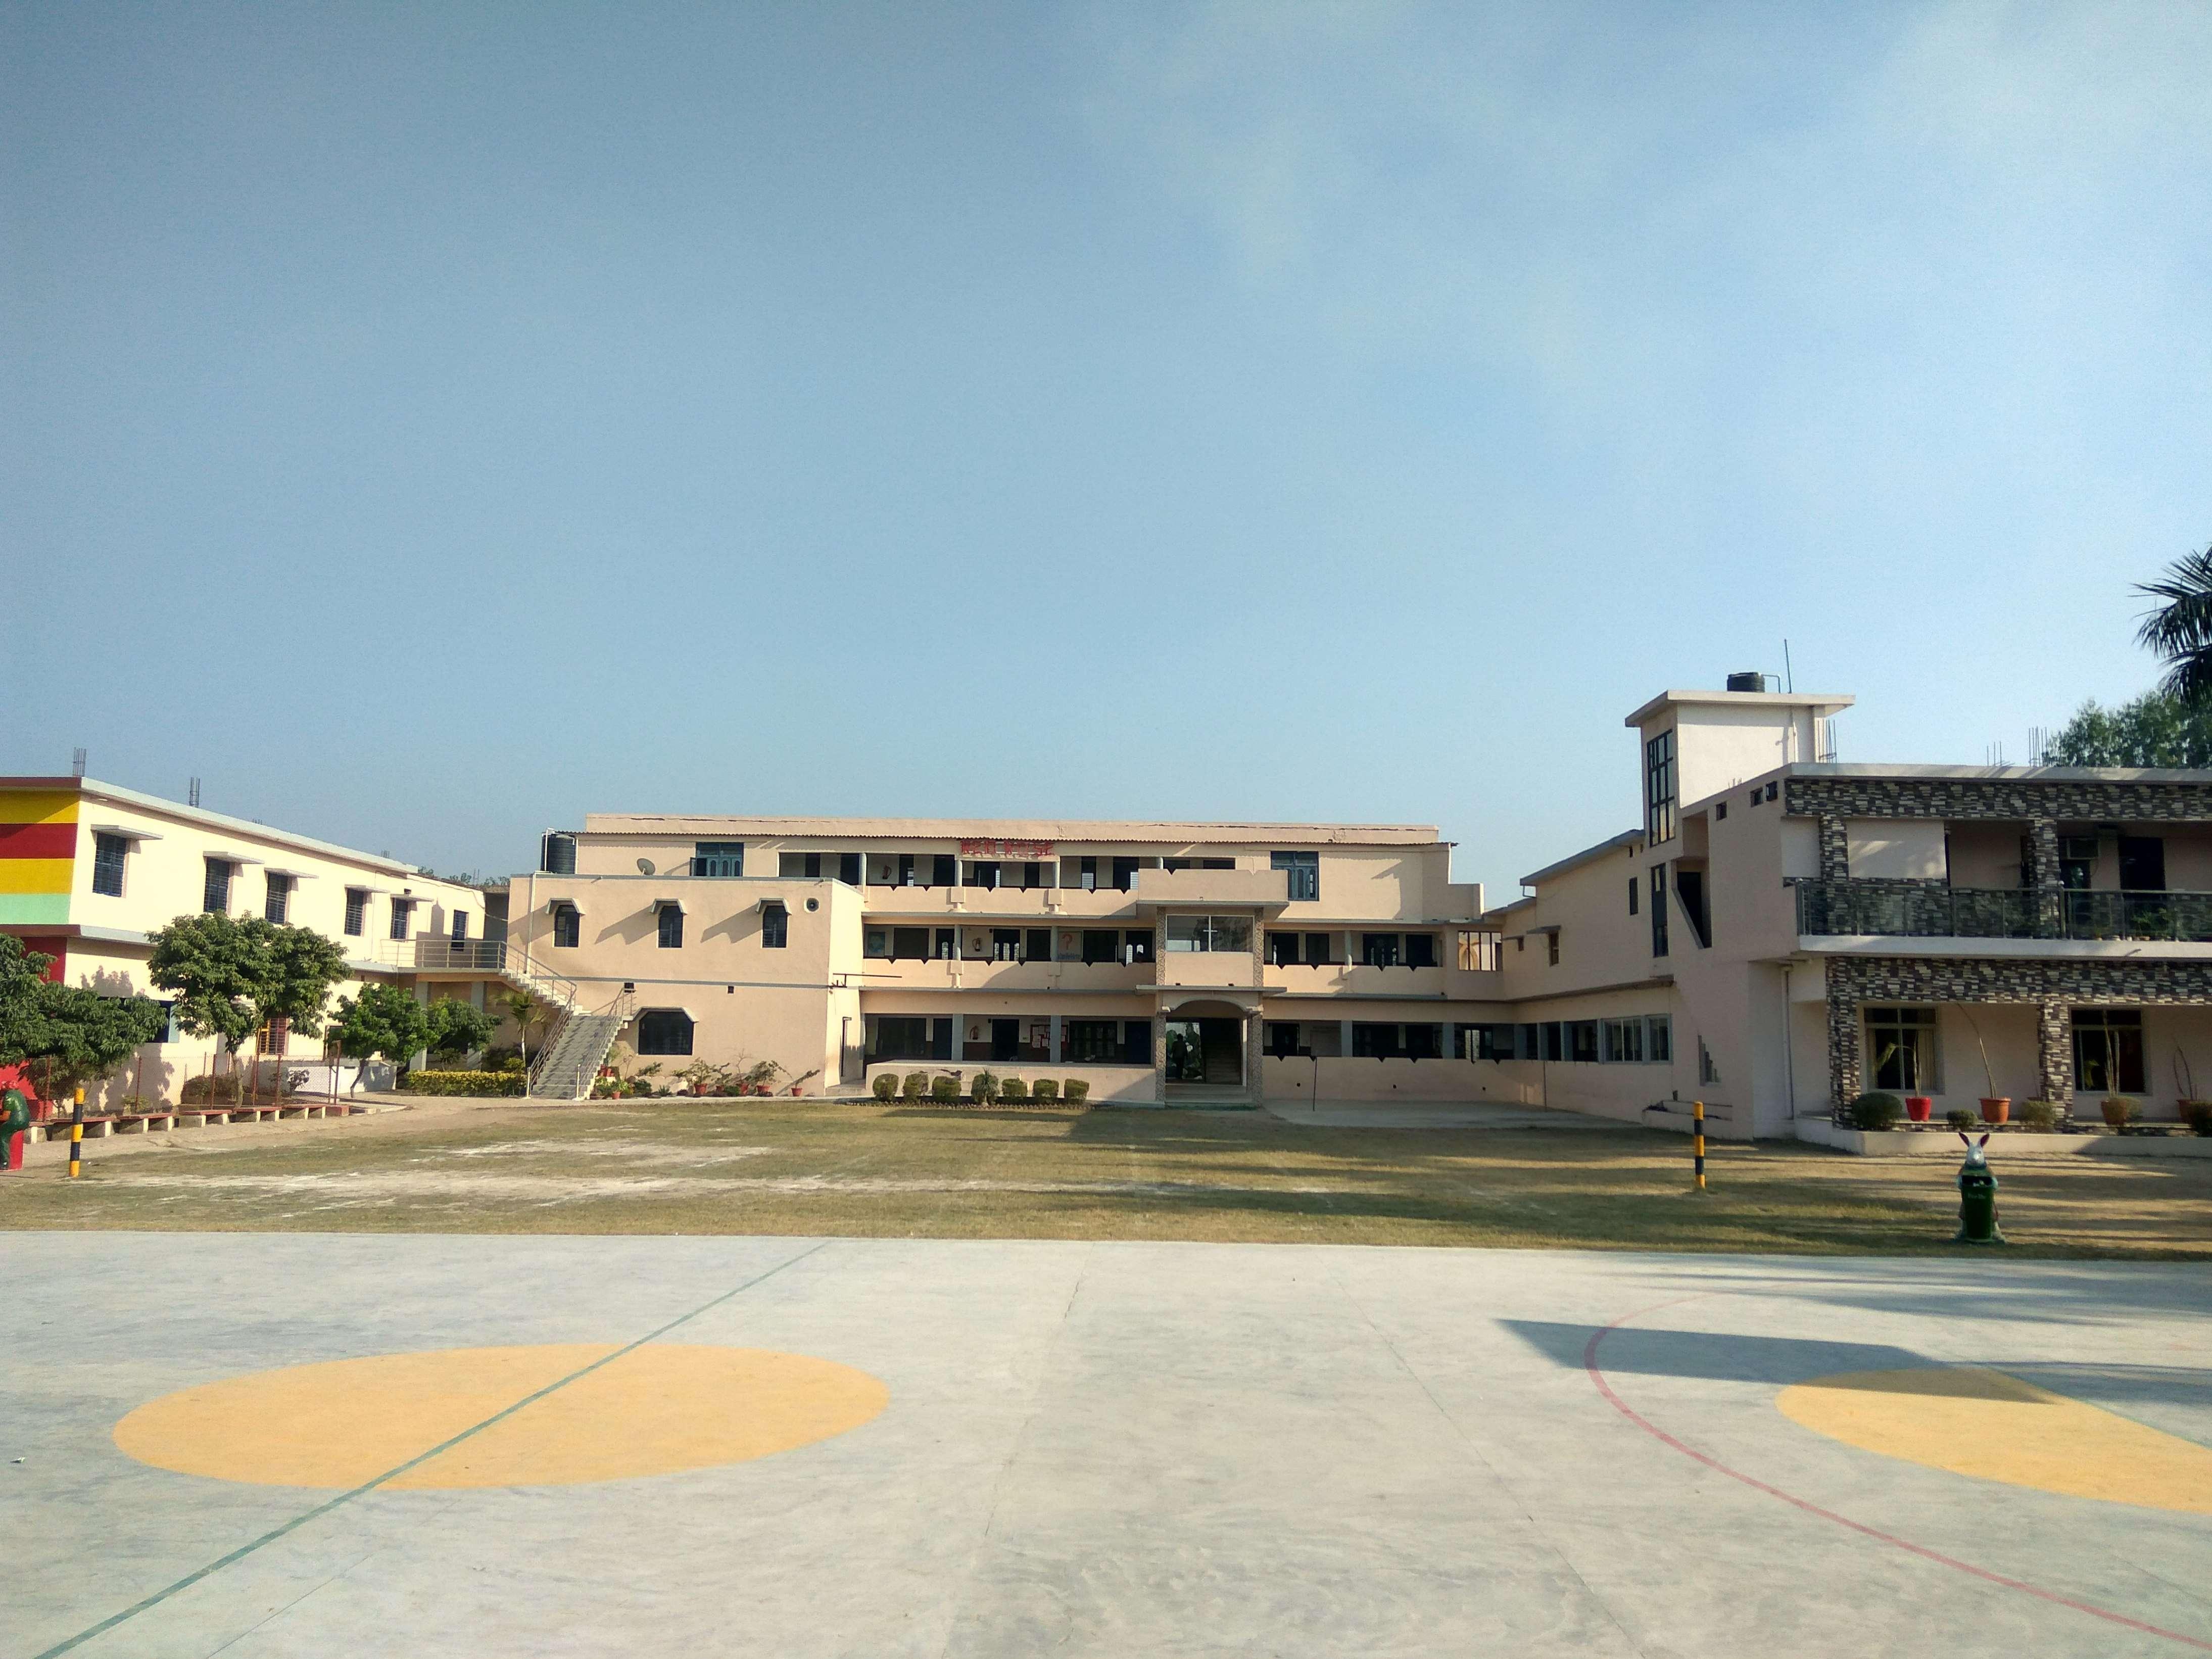 RED ROSE CONVENT SCHOOL BARAKHERA GADAR PUR U S NAGAR UTTRANCHAL 3530182